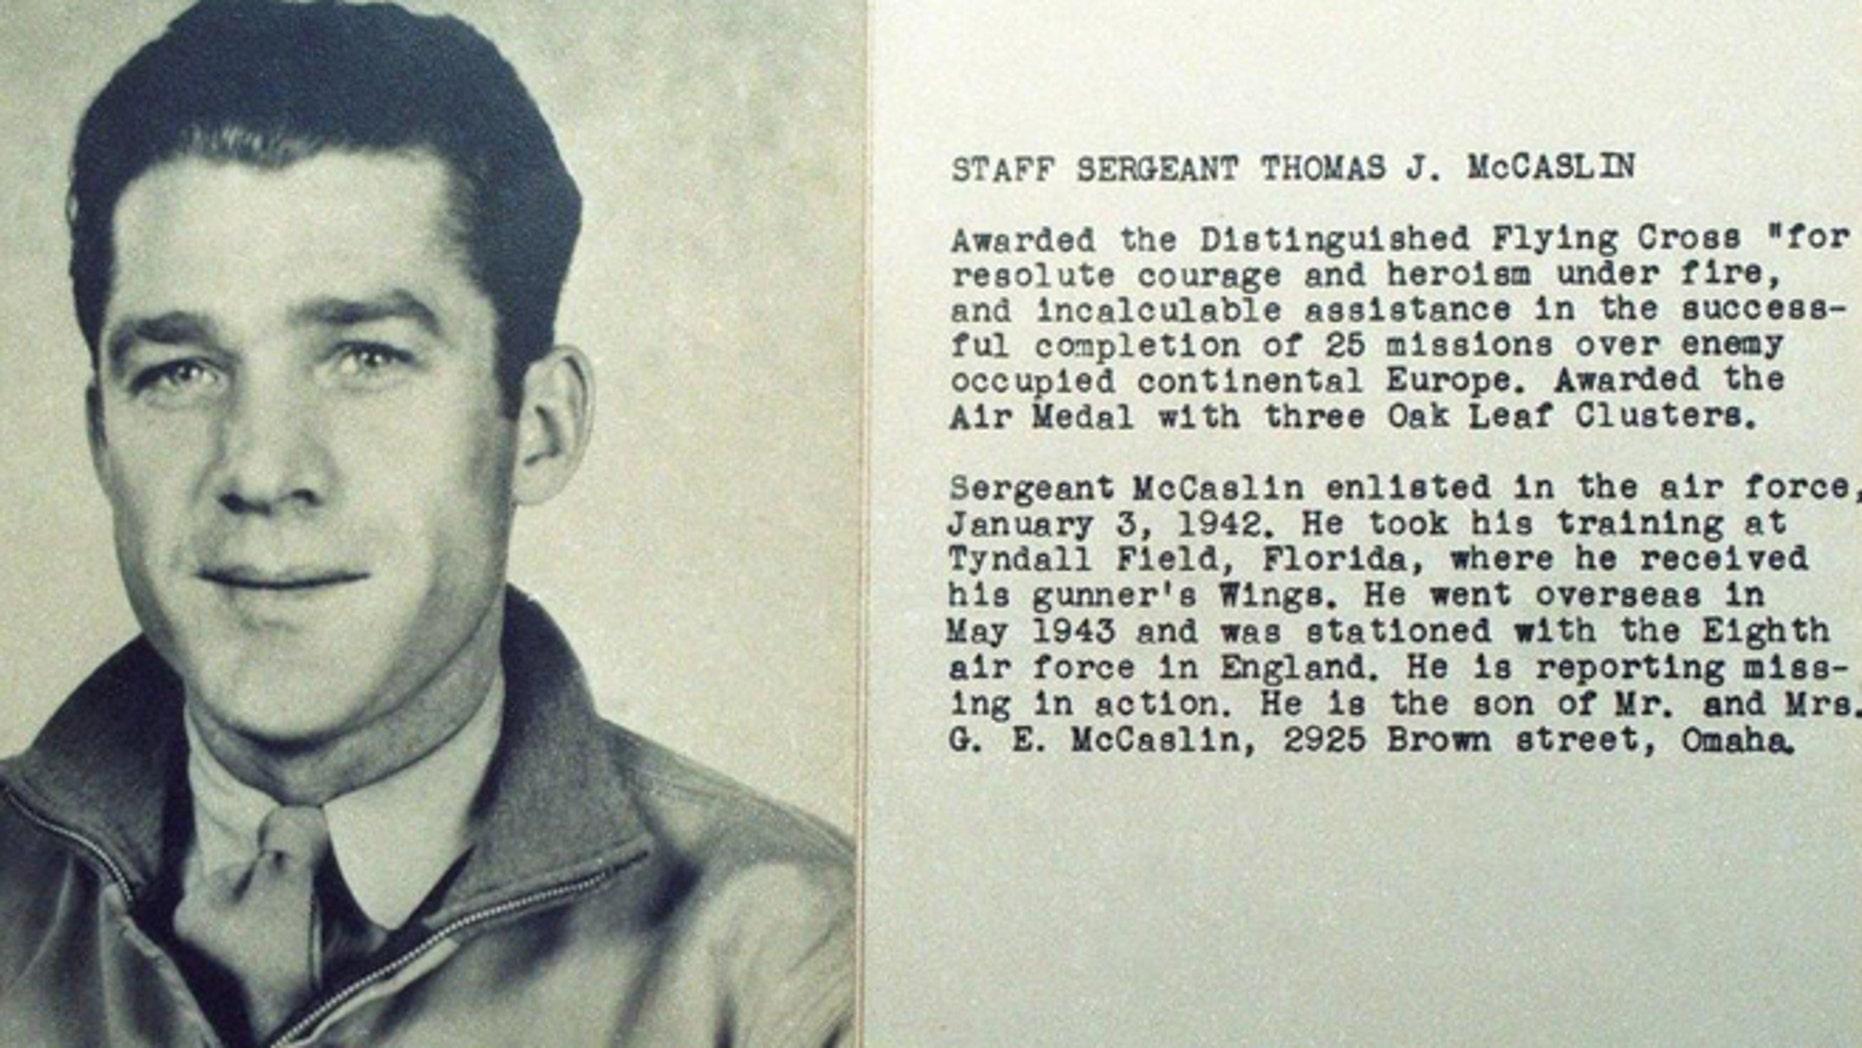 B-26 tail gunner Tom McCaslin, killed in June 22, 1944, crash near Caen, France (Omaha World Herald)